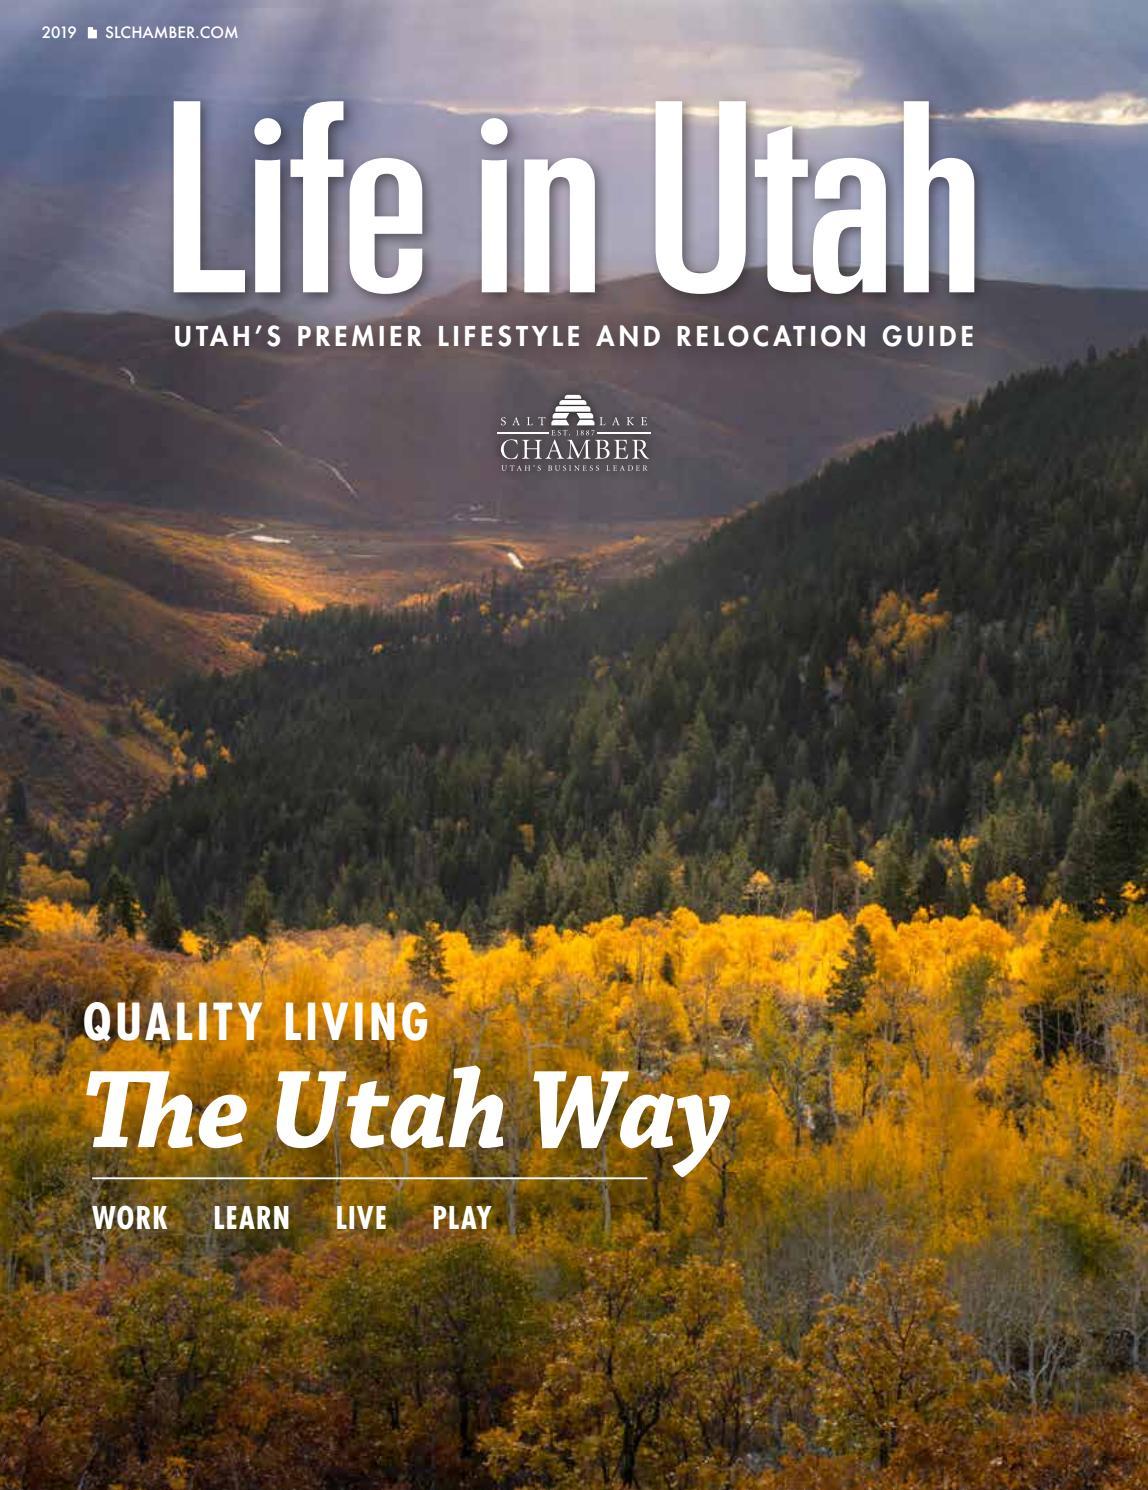 2019 Life in Utah by Salt Lake Chamber - issuu